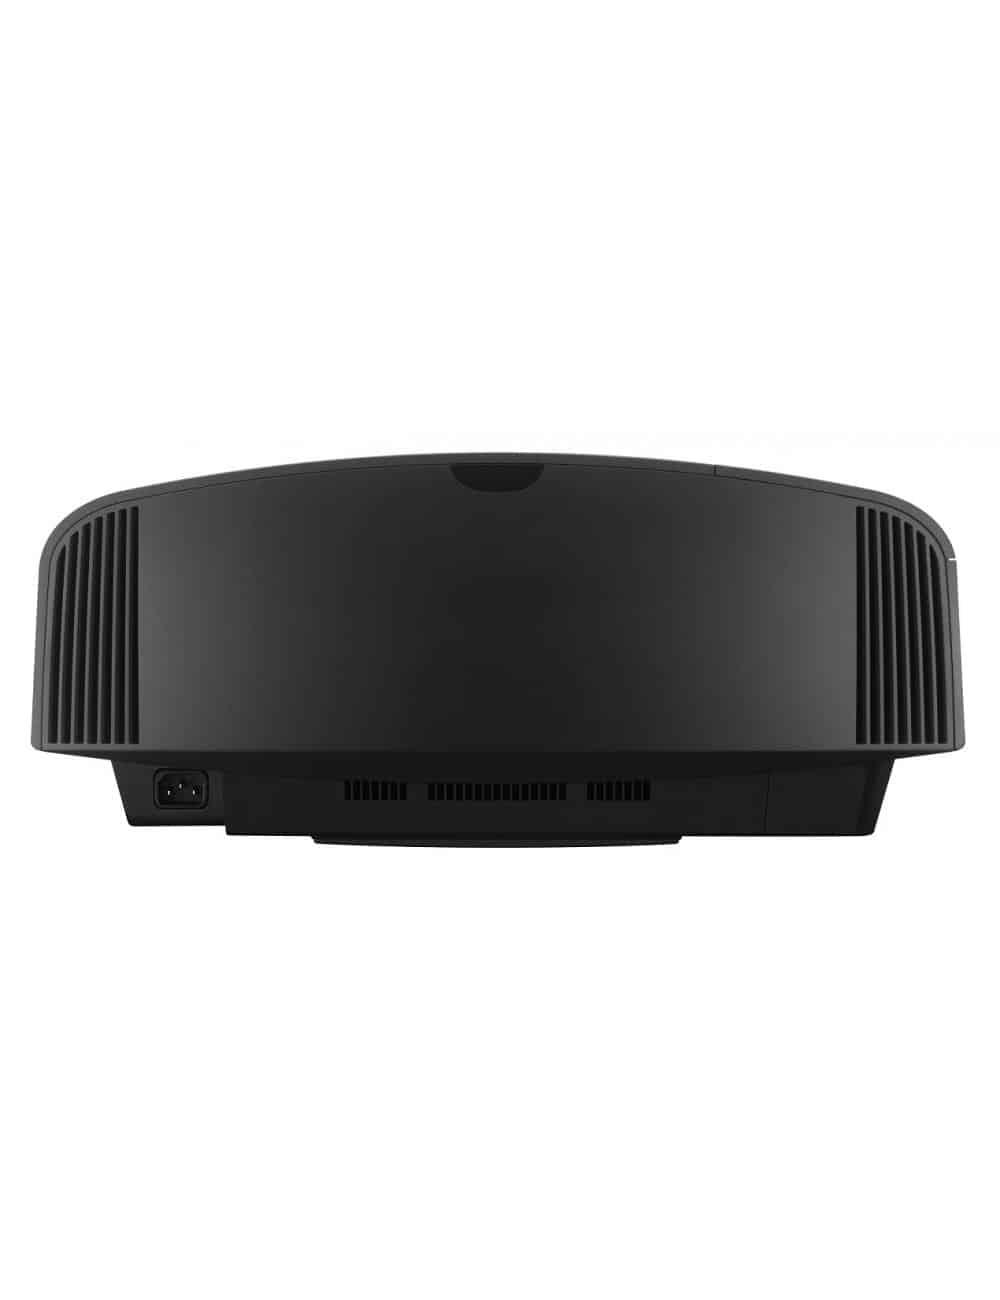 Proiettore 4K HDR per Home Cinema, Sony VPL-VW270ES, finitura black, vista posteriore